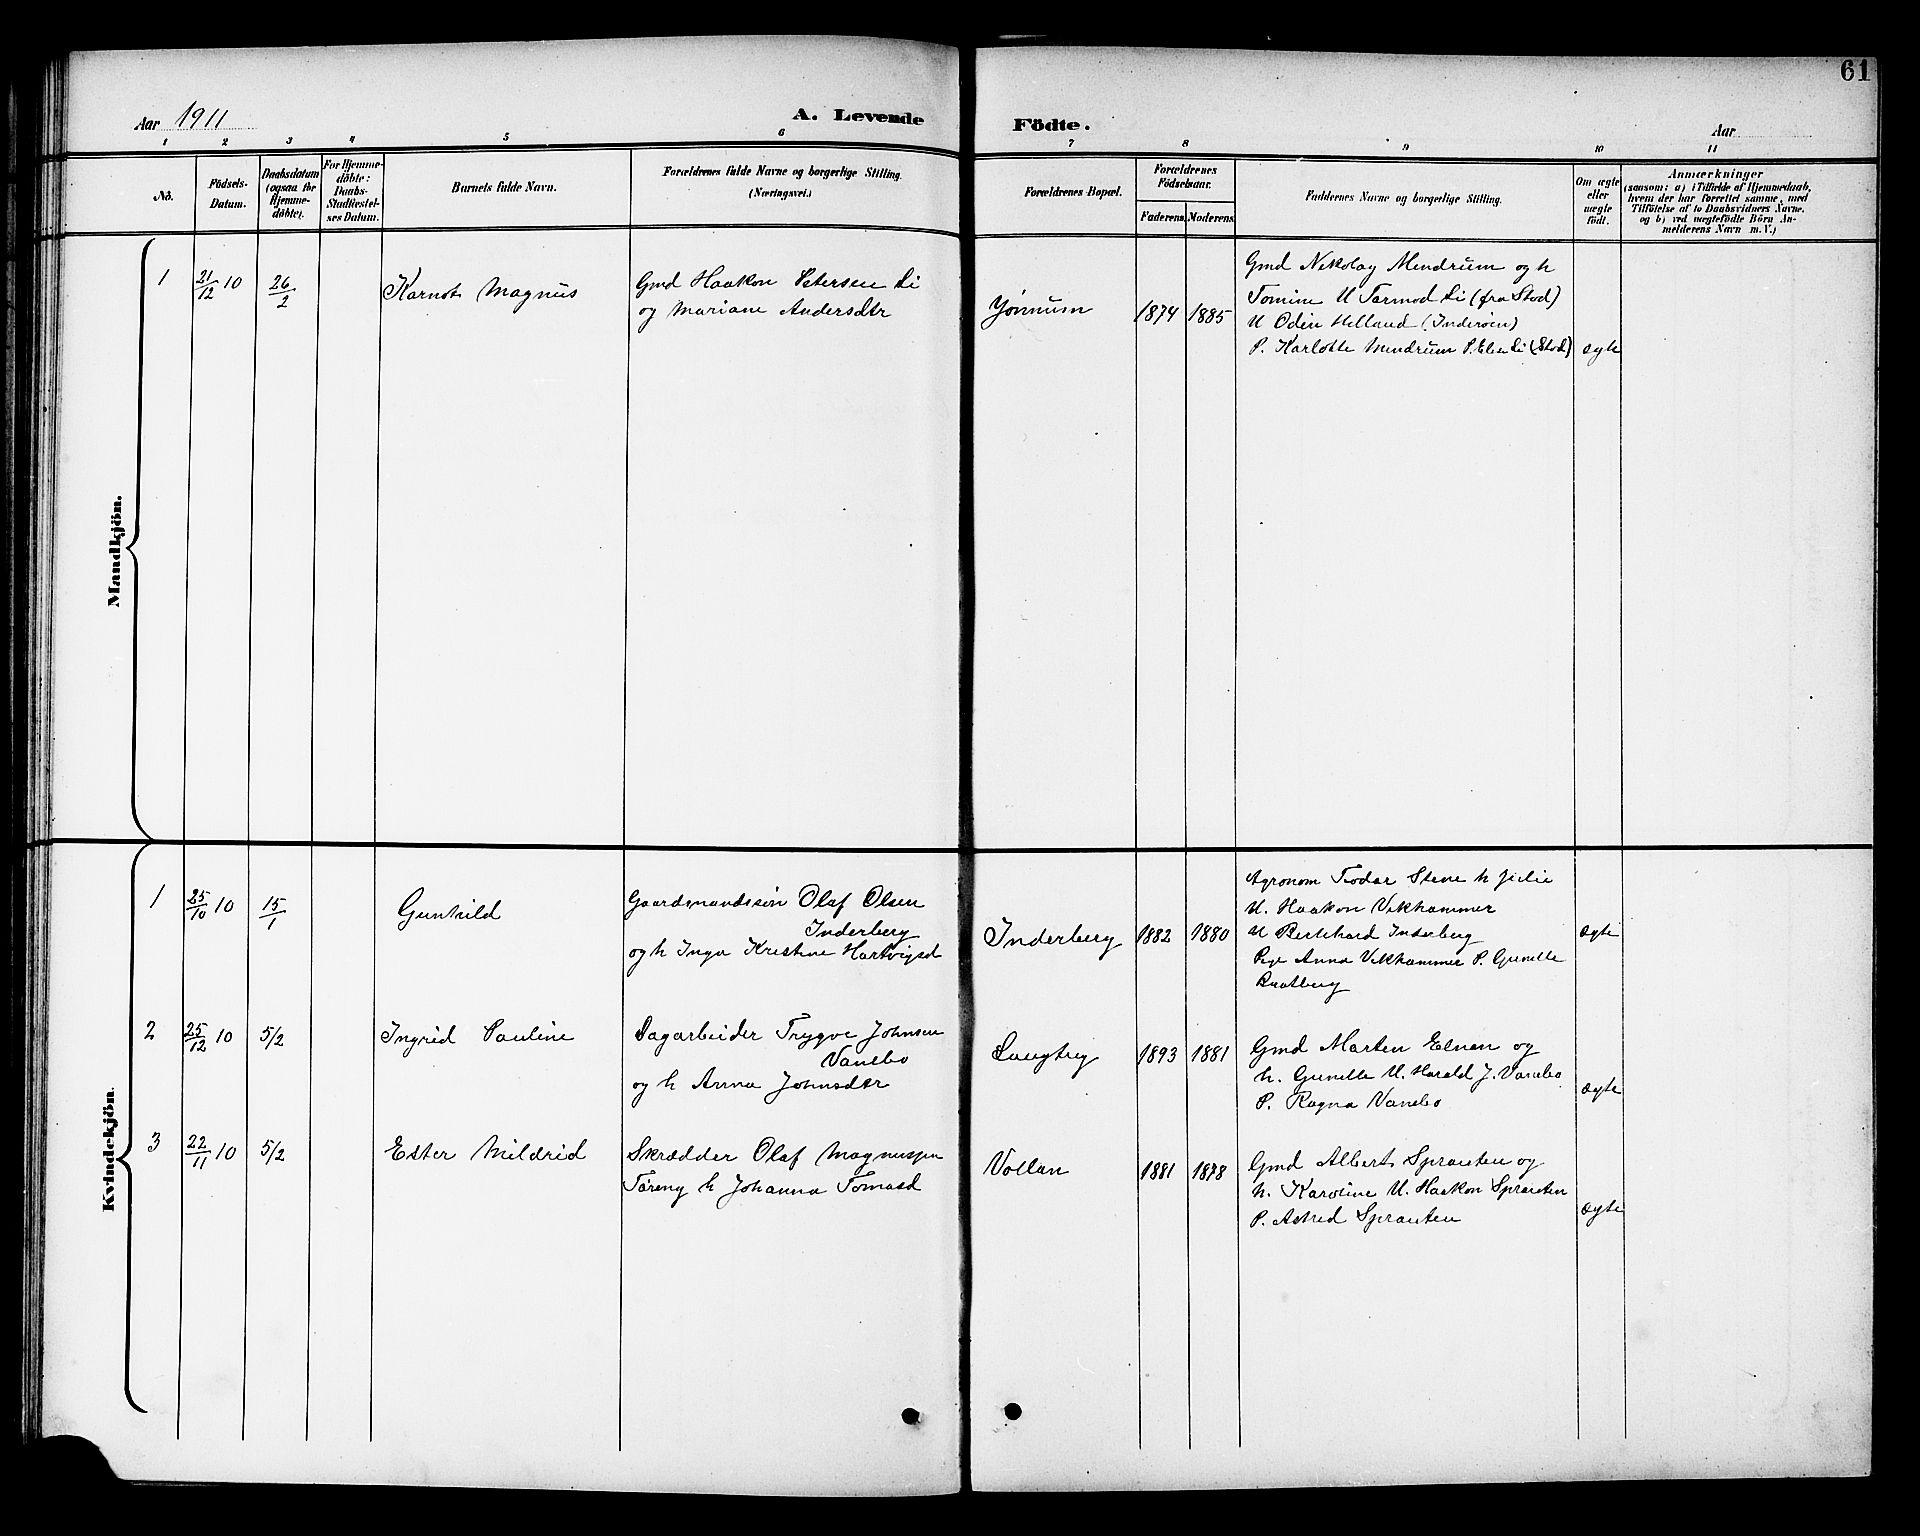 SAT, Ministerialprotokoller, klokkerbøker og fødselsregistre - Nord-Trøndelag, 741/L0401: Klokkerbok nr. 741C02, 1899-1911, s. 61